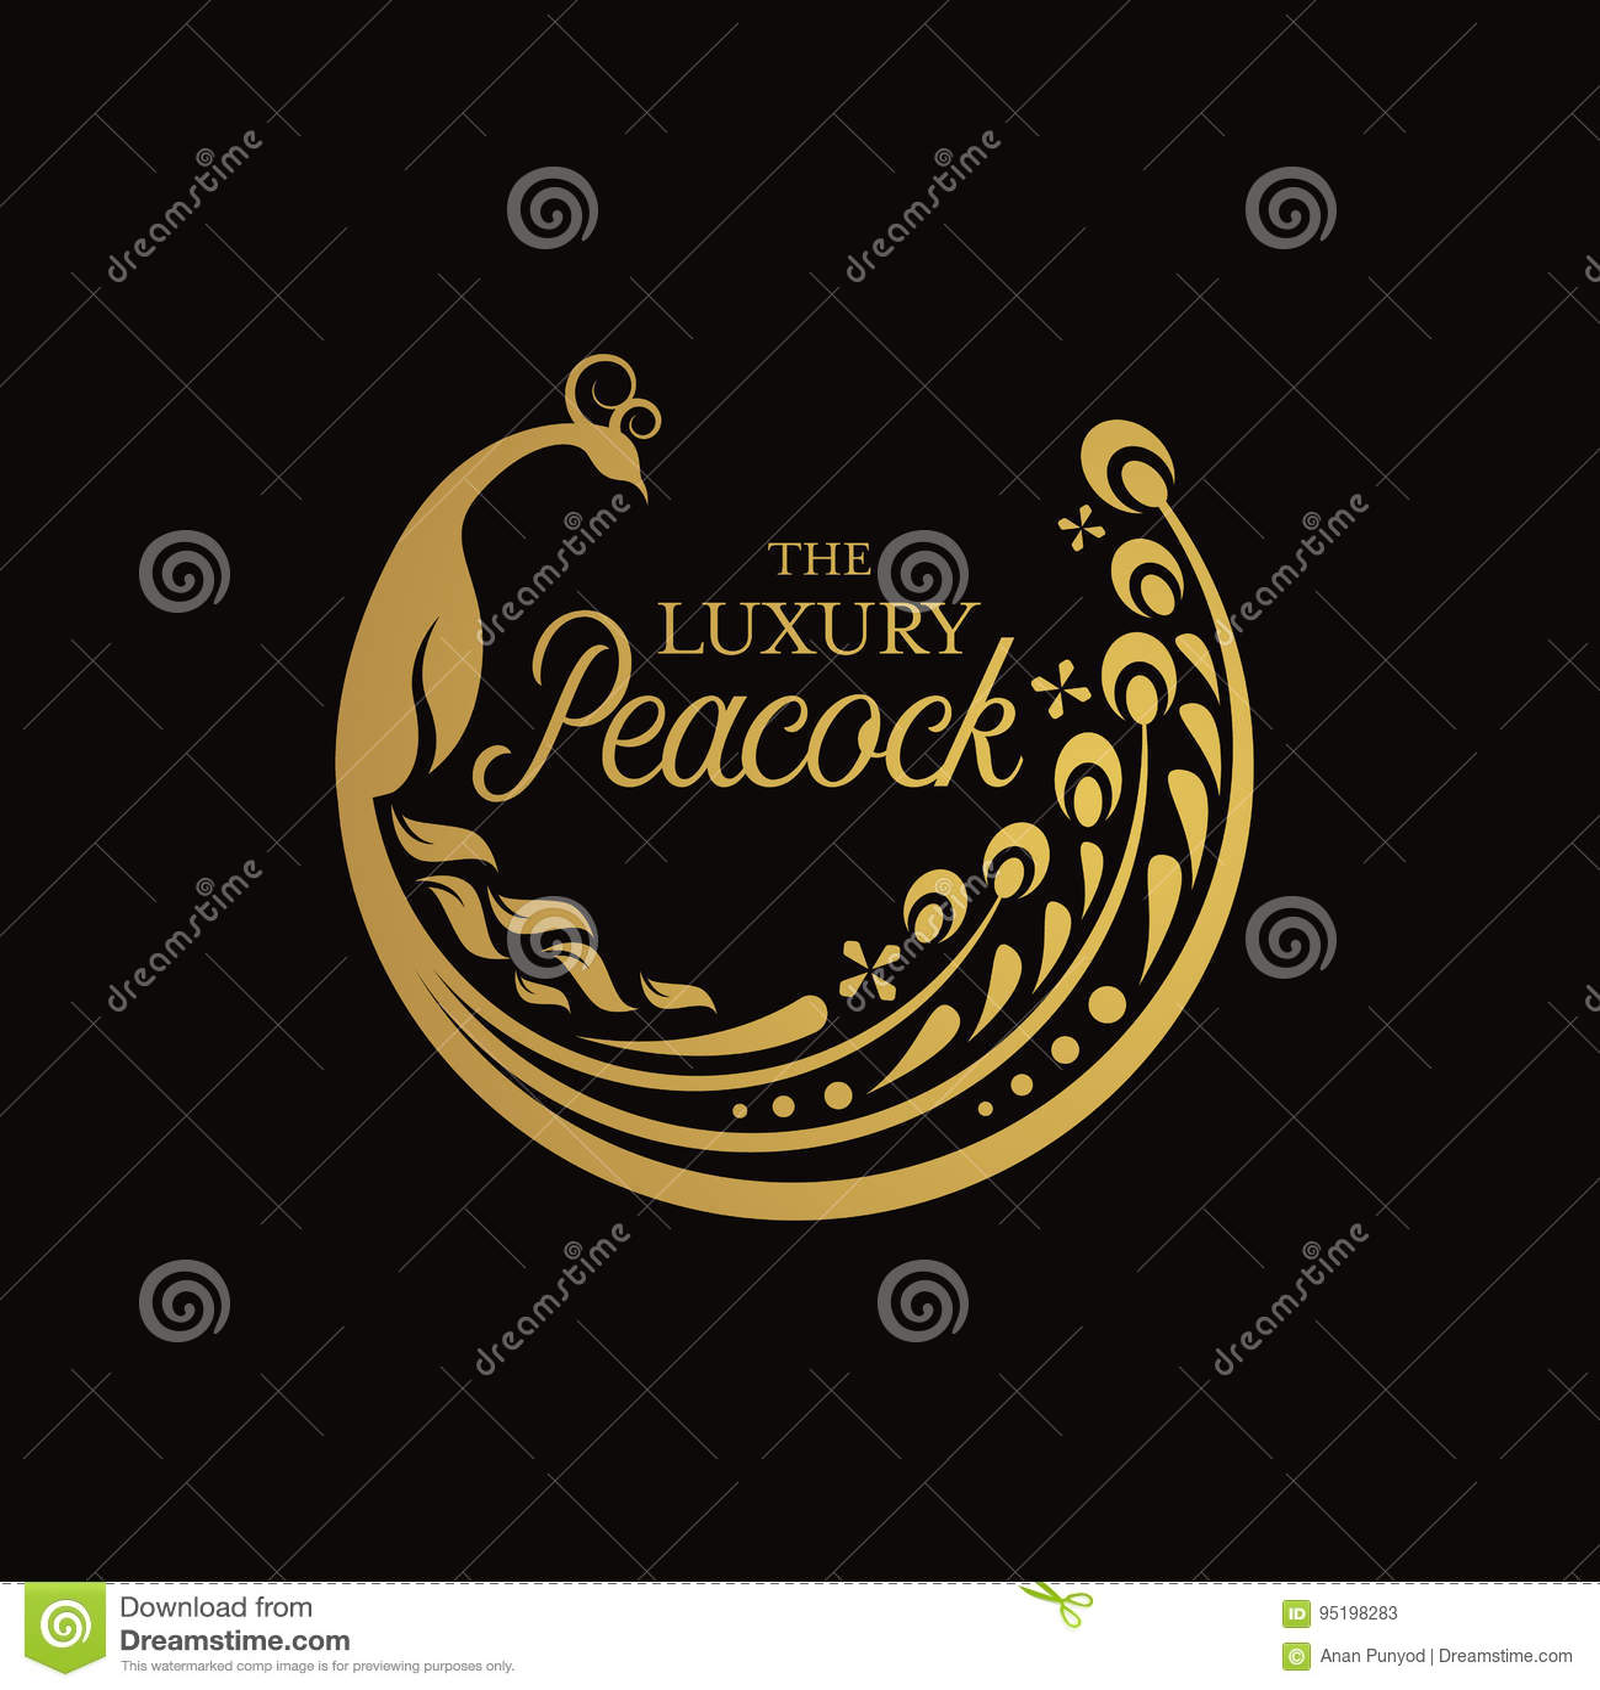 Gold Luxury Peacock Circle Sign Logo Vector Art Design